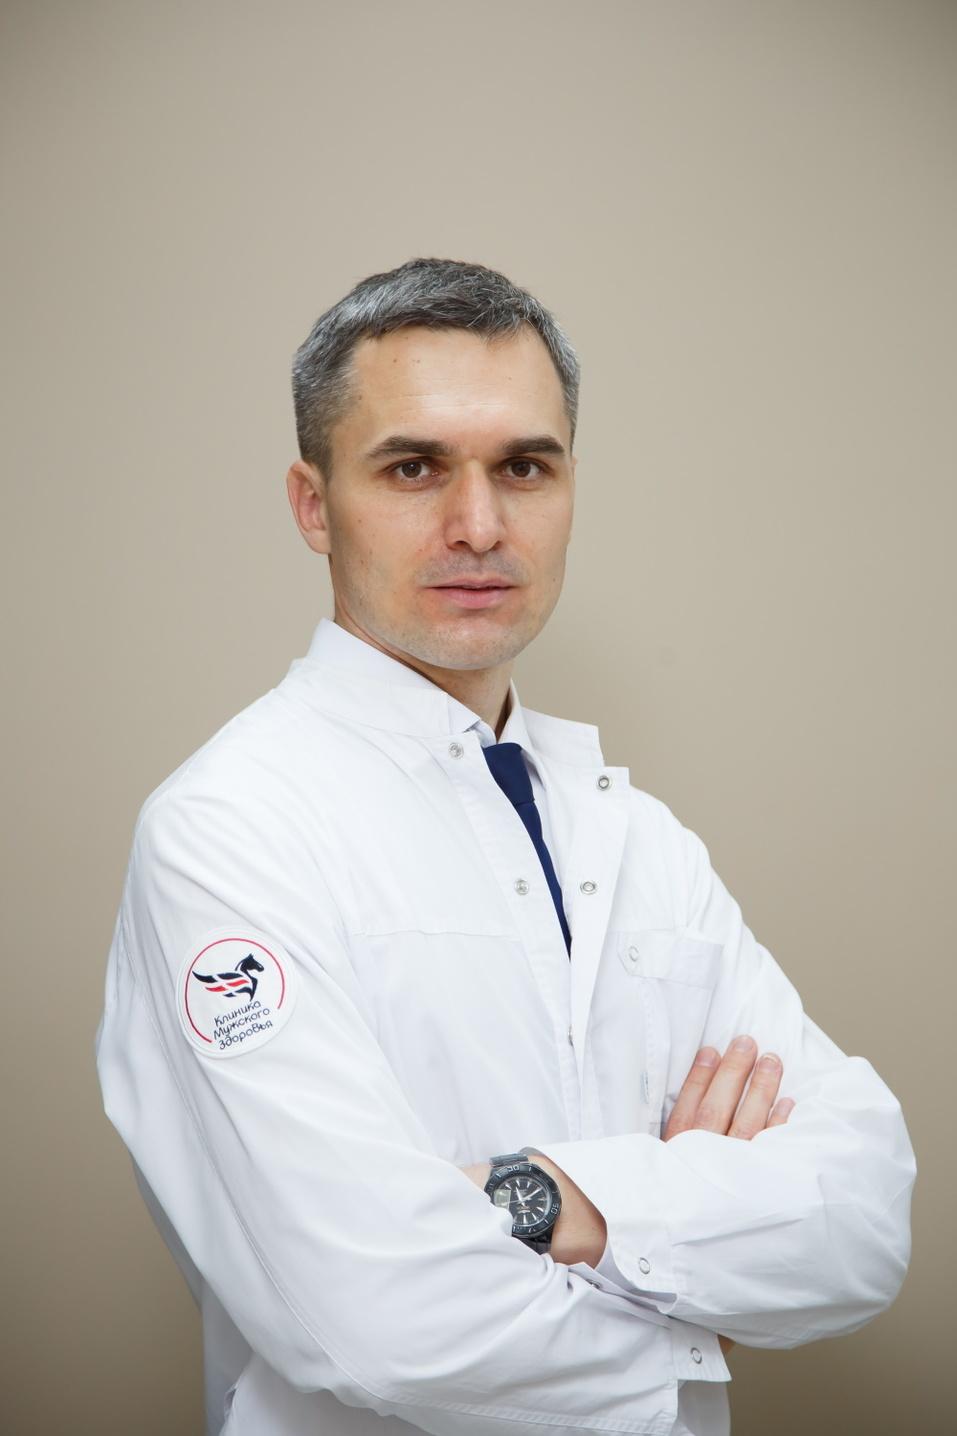 Мужчина и рак: что делать после 40 лет, чтобы избежать онкологии?  6